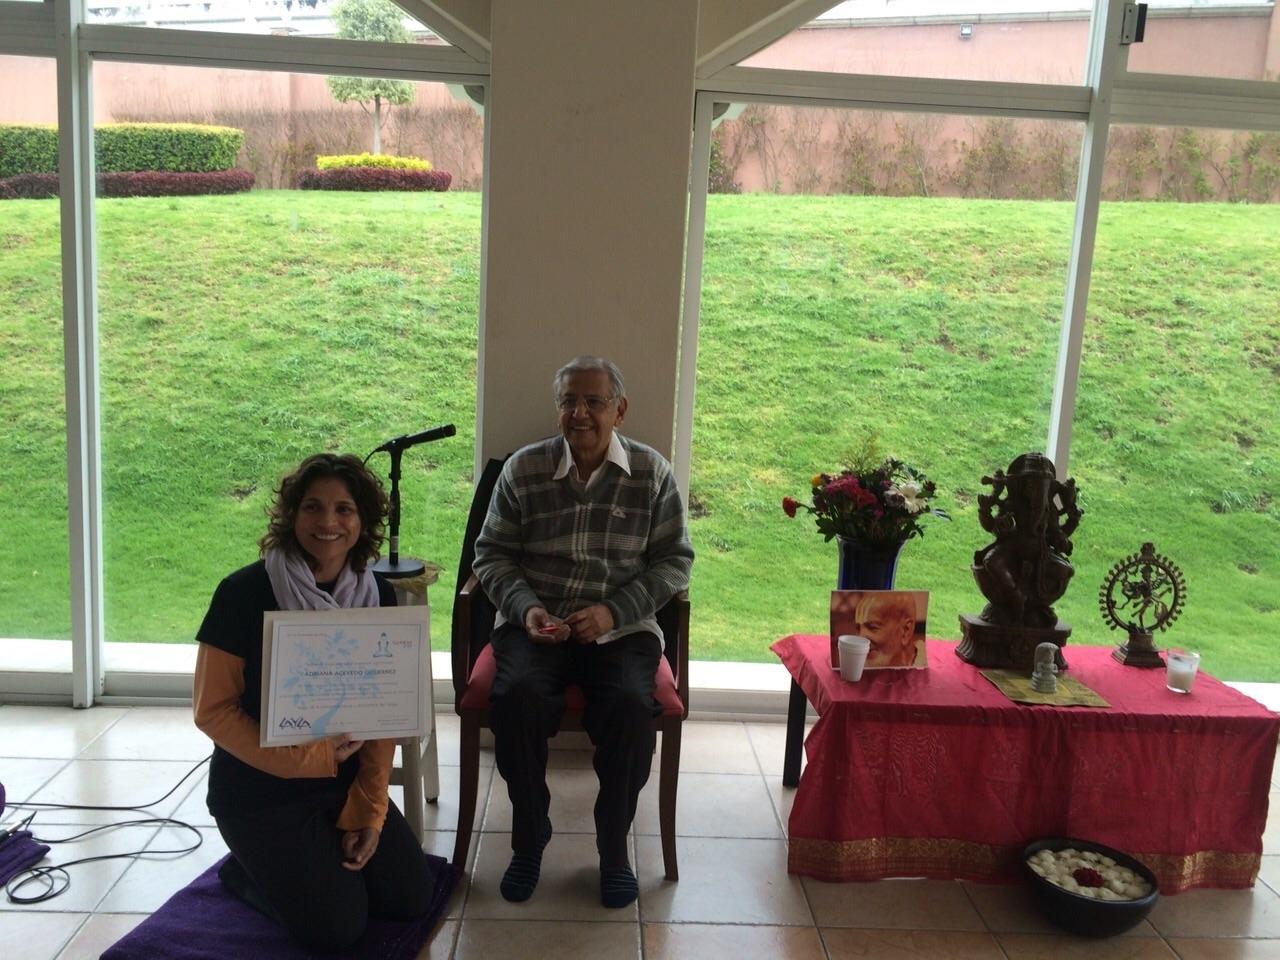 Certificación 2015 16-03-2017 - Certificado de Vinyasa Krama por Twameva Yoga y firmado por S. Rama Swami